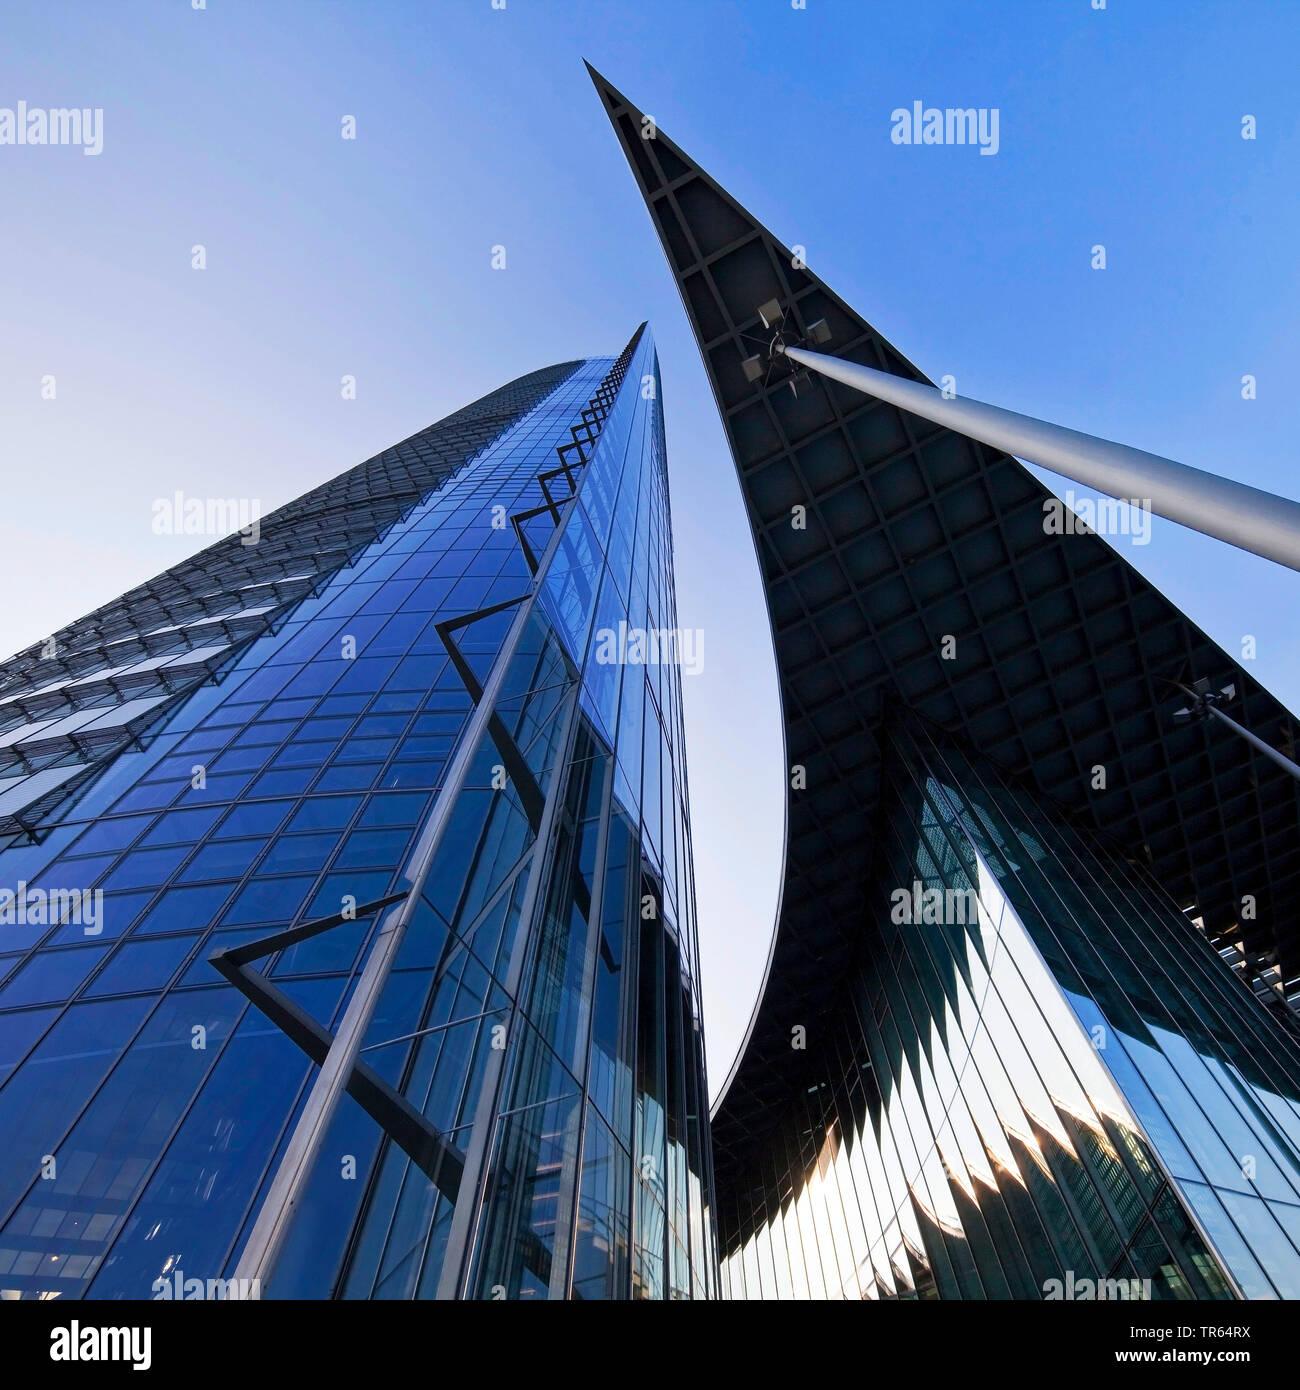 La Post Tower, siège de la compagnie logistique Deutsche Post DHL, Allemagne, Berlin, Bonn Banque D'Images